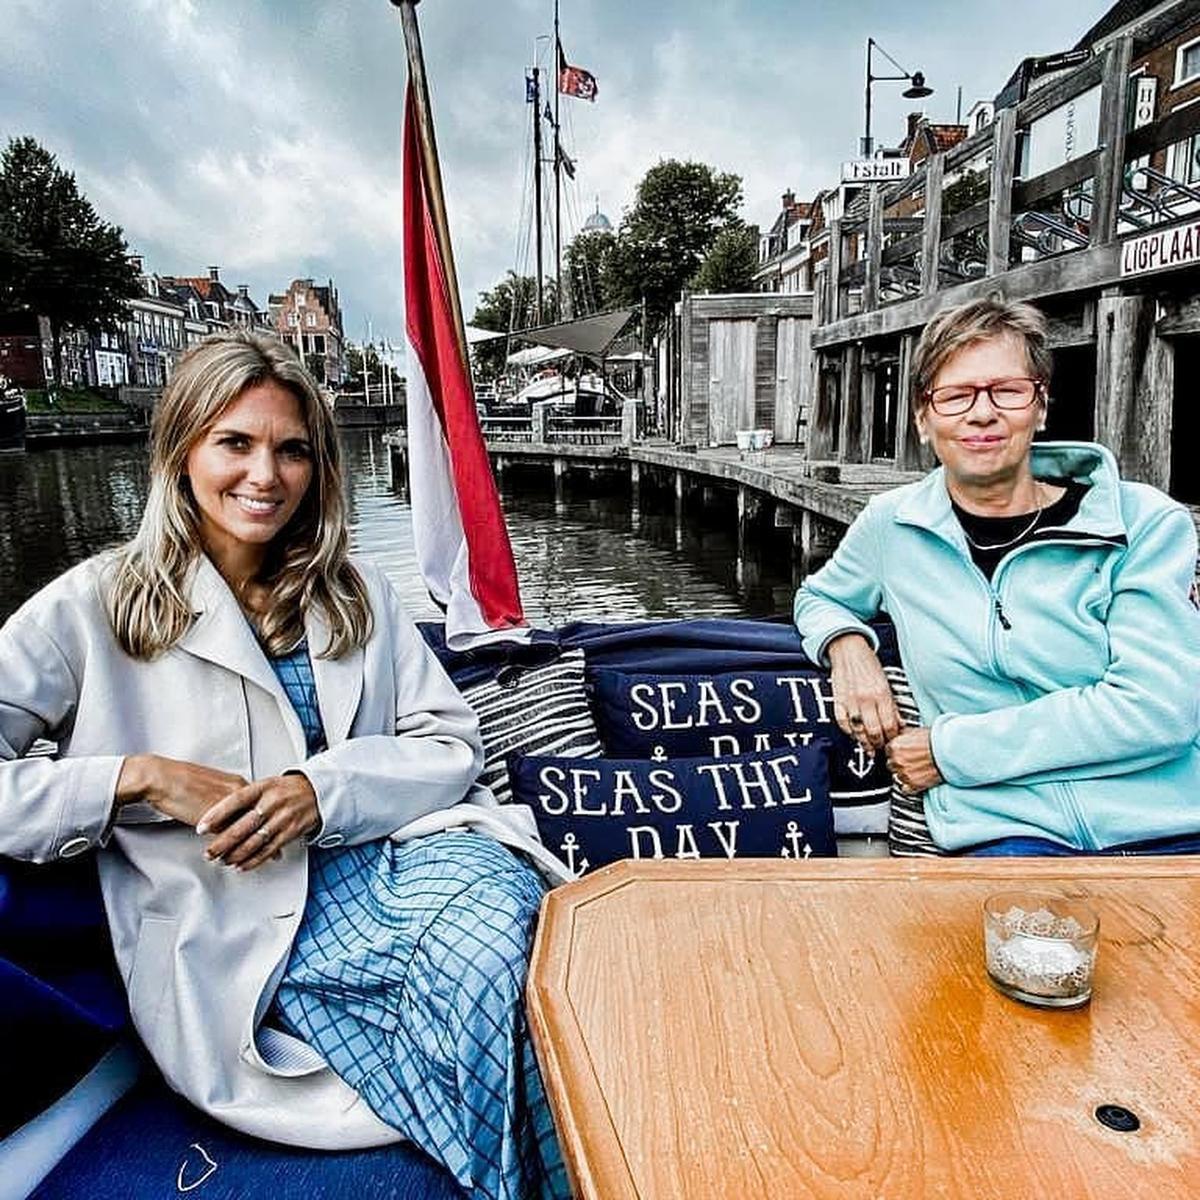 Tijdens een boottochtje met de mama van Bauke Mollema in Friesland (foto Instagram)